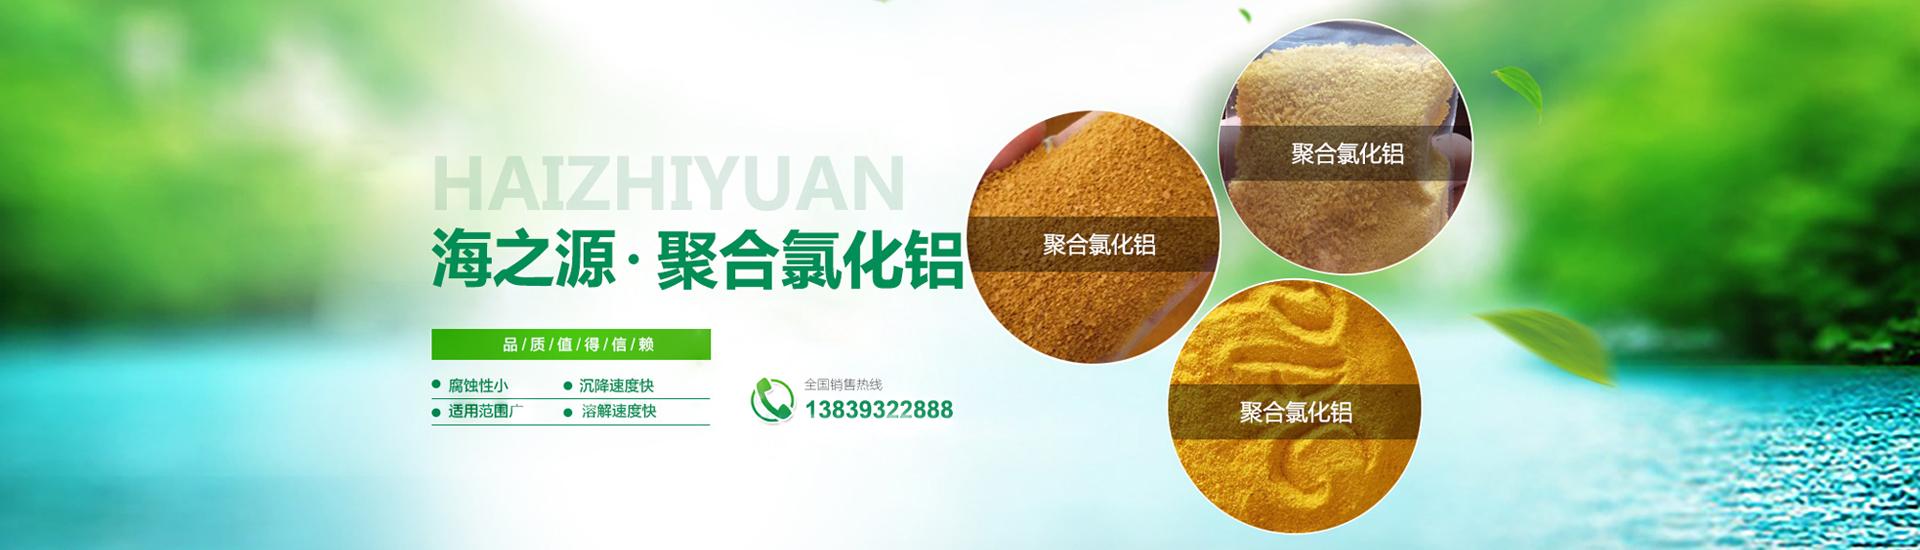 專業提供汕頭商標注冊服務